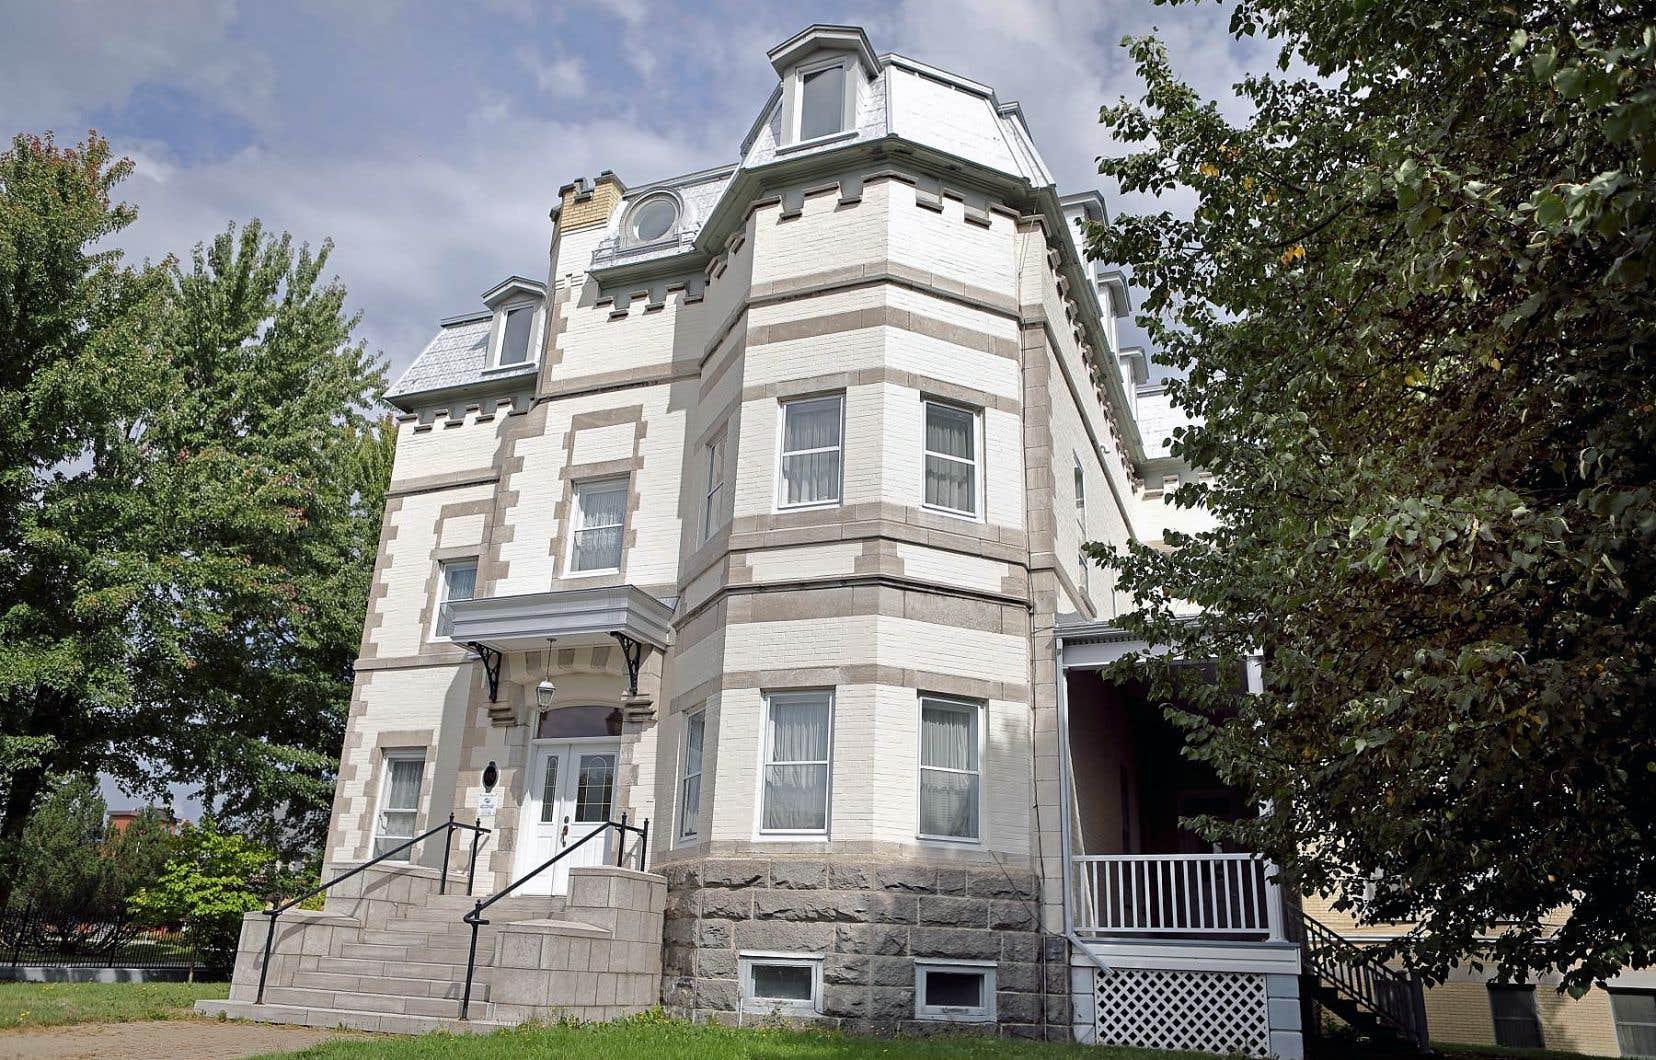 La résidence, construite en 1903, sera démolie pour faire place à un édifice de quatre étages destiné à héberger des personnes âgées.